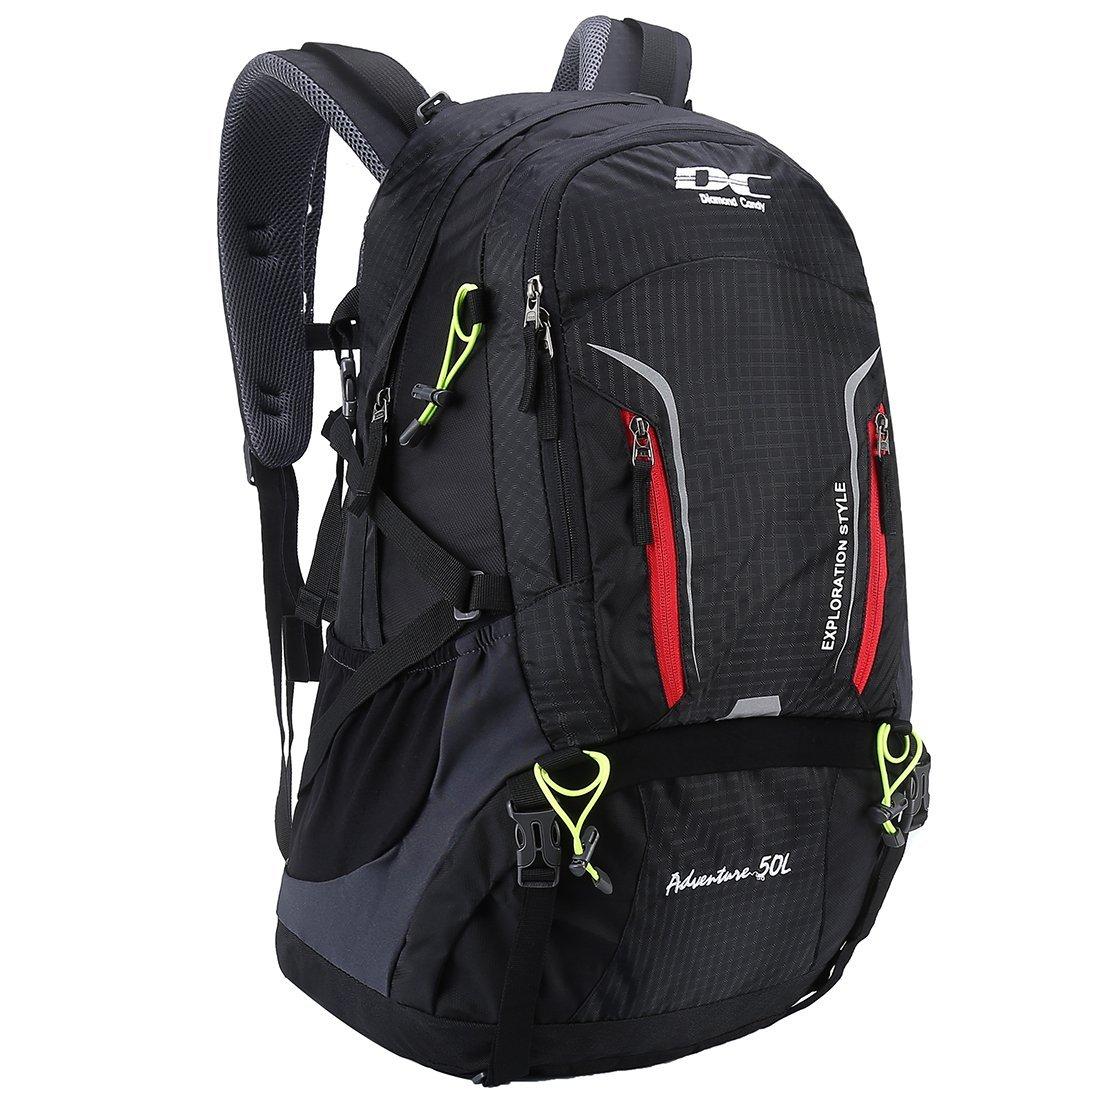 APRIL 14TH Wandern Reise Rucksack - 40L / 50L Trekking Wasserdichter Rucksack mit Regenschutz für Männer Damen Rucksäcke Blau U009_Blue